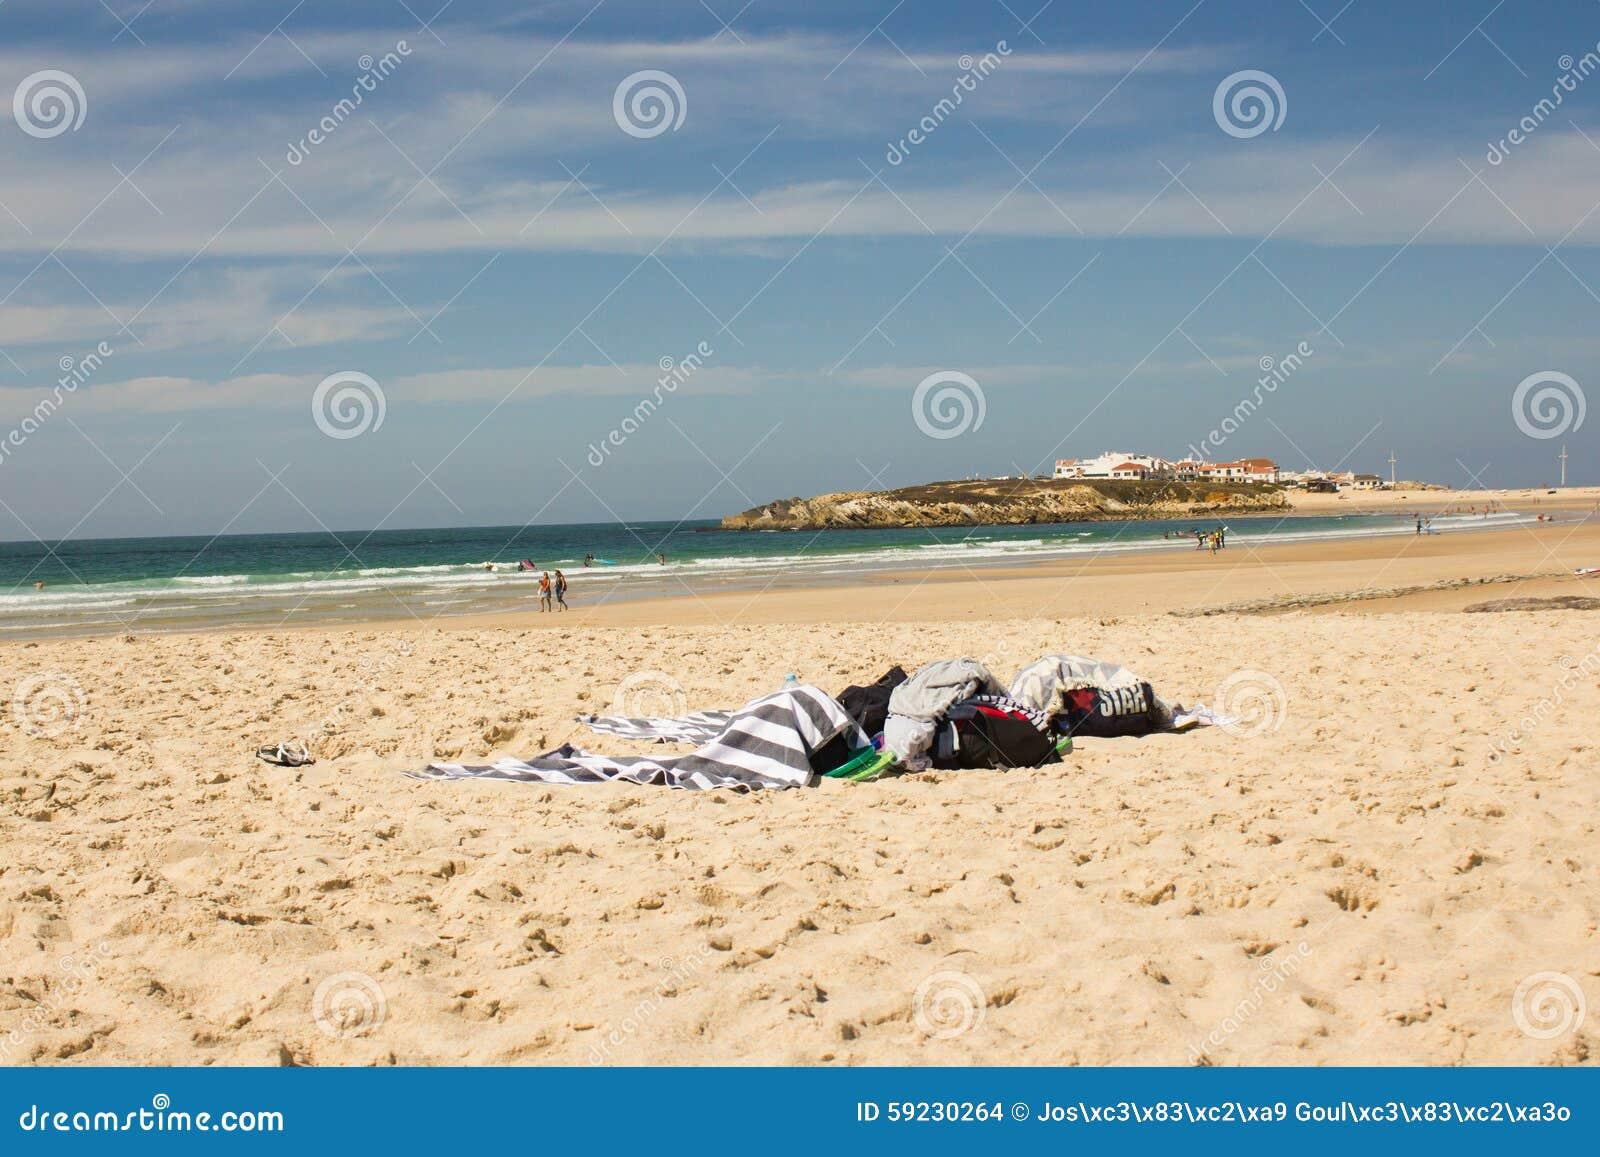 Pueblo de la playa de Baleal y de Baleal (Peniche, Portugal) por la tarde